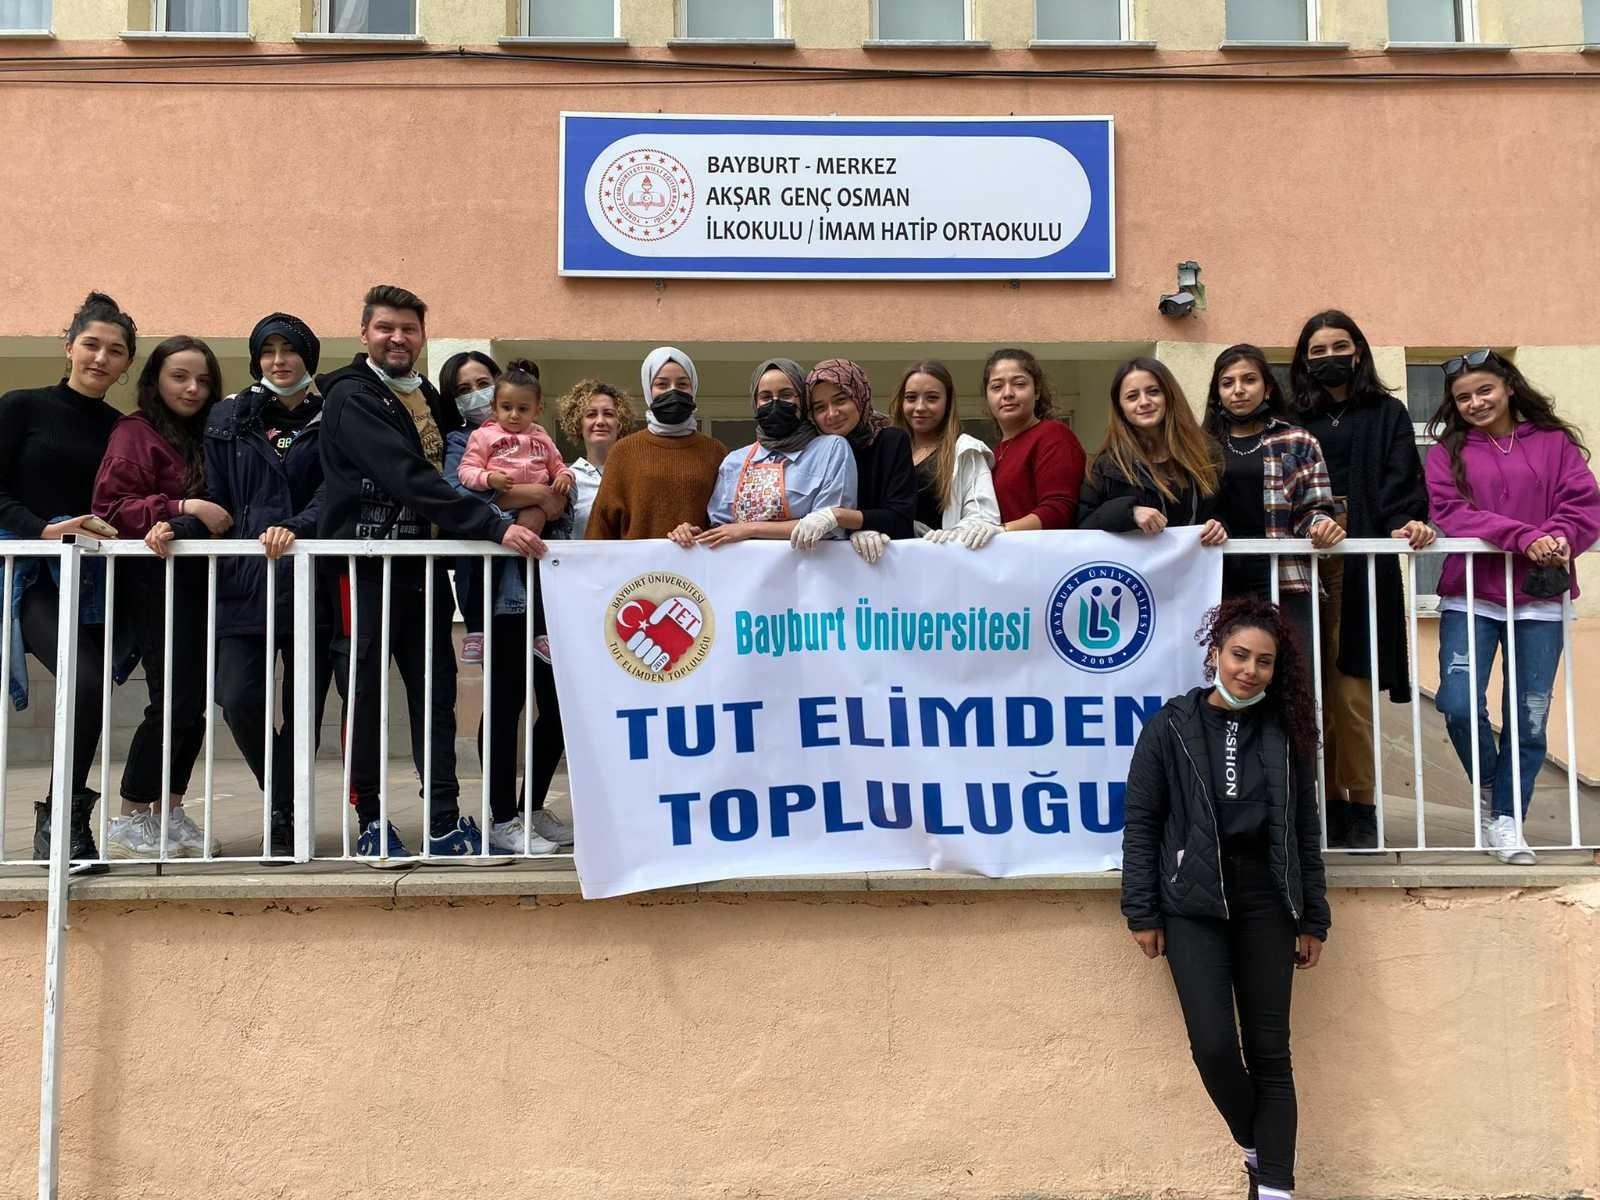 Bayburt'ta üniversite öğrencileri okullarda boyama ve süsleme çalışması yaptı #bayburt